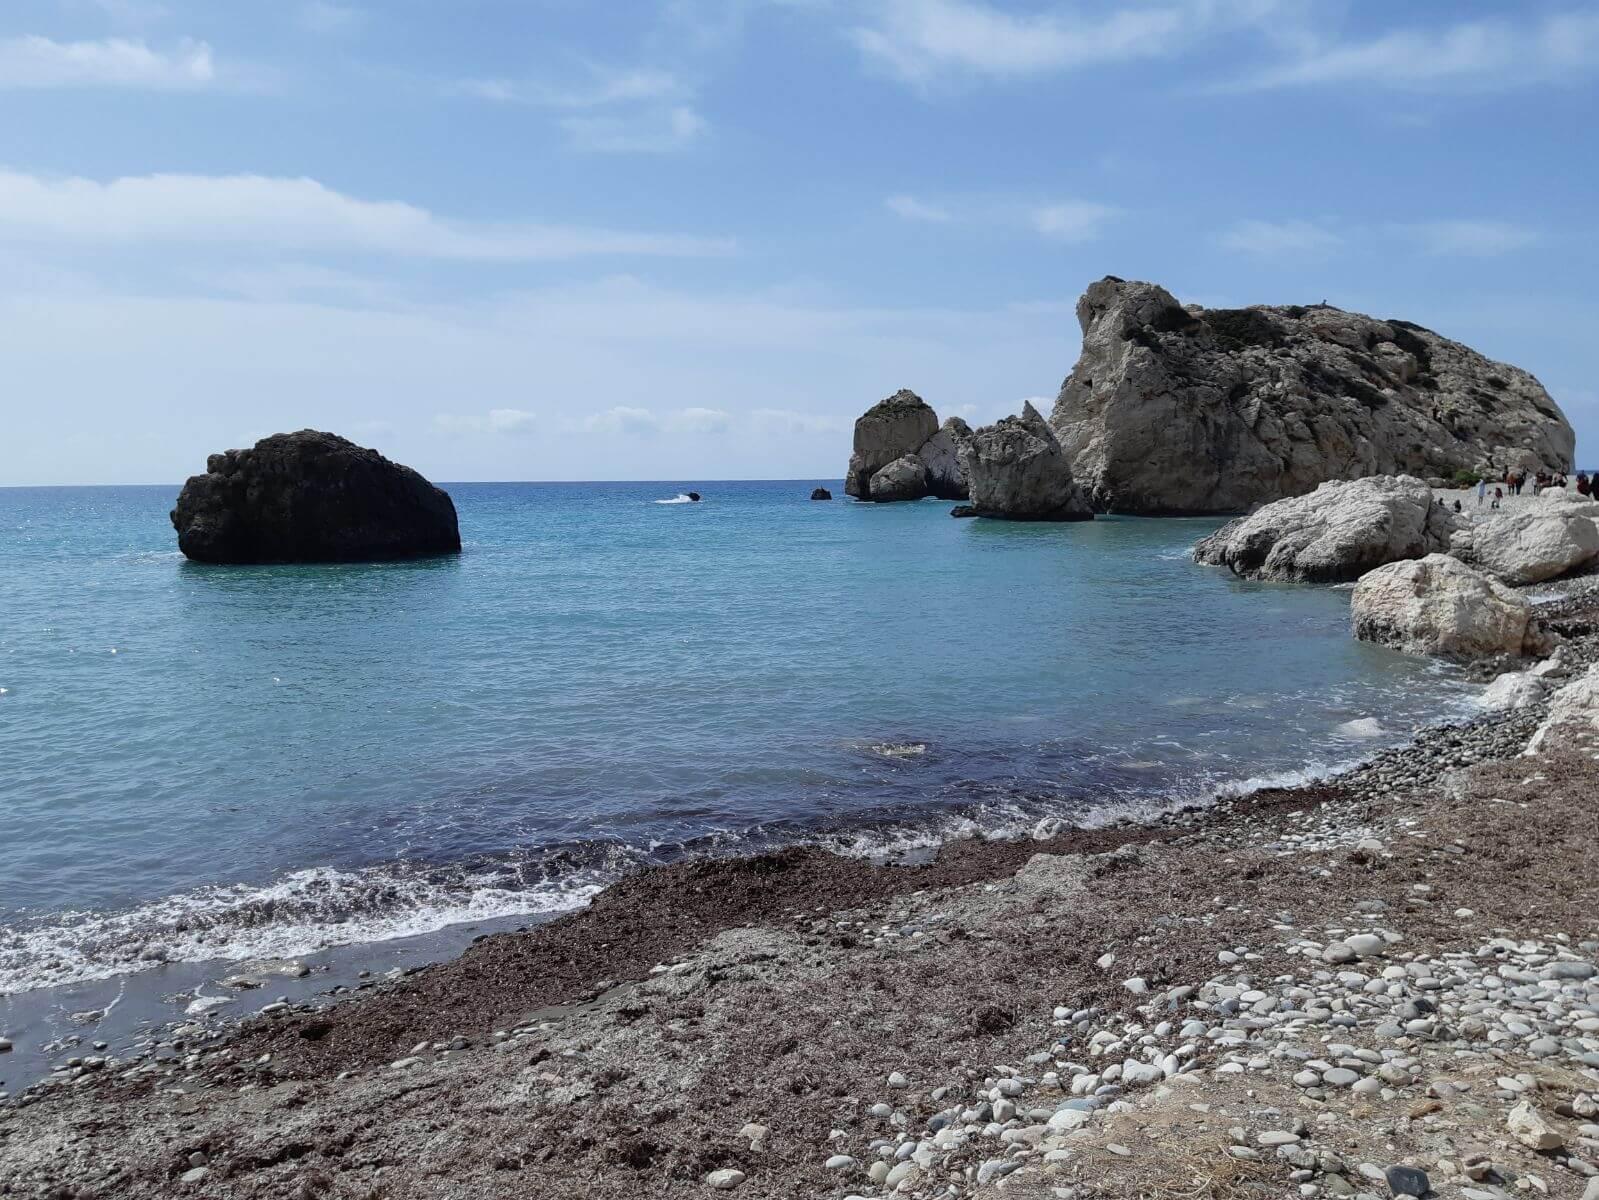 סלע אפרודיטה בפאפוס